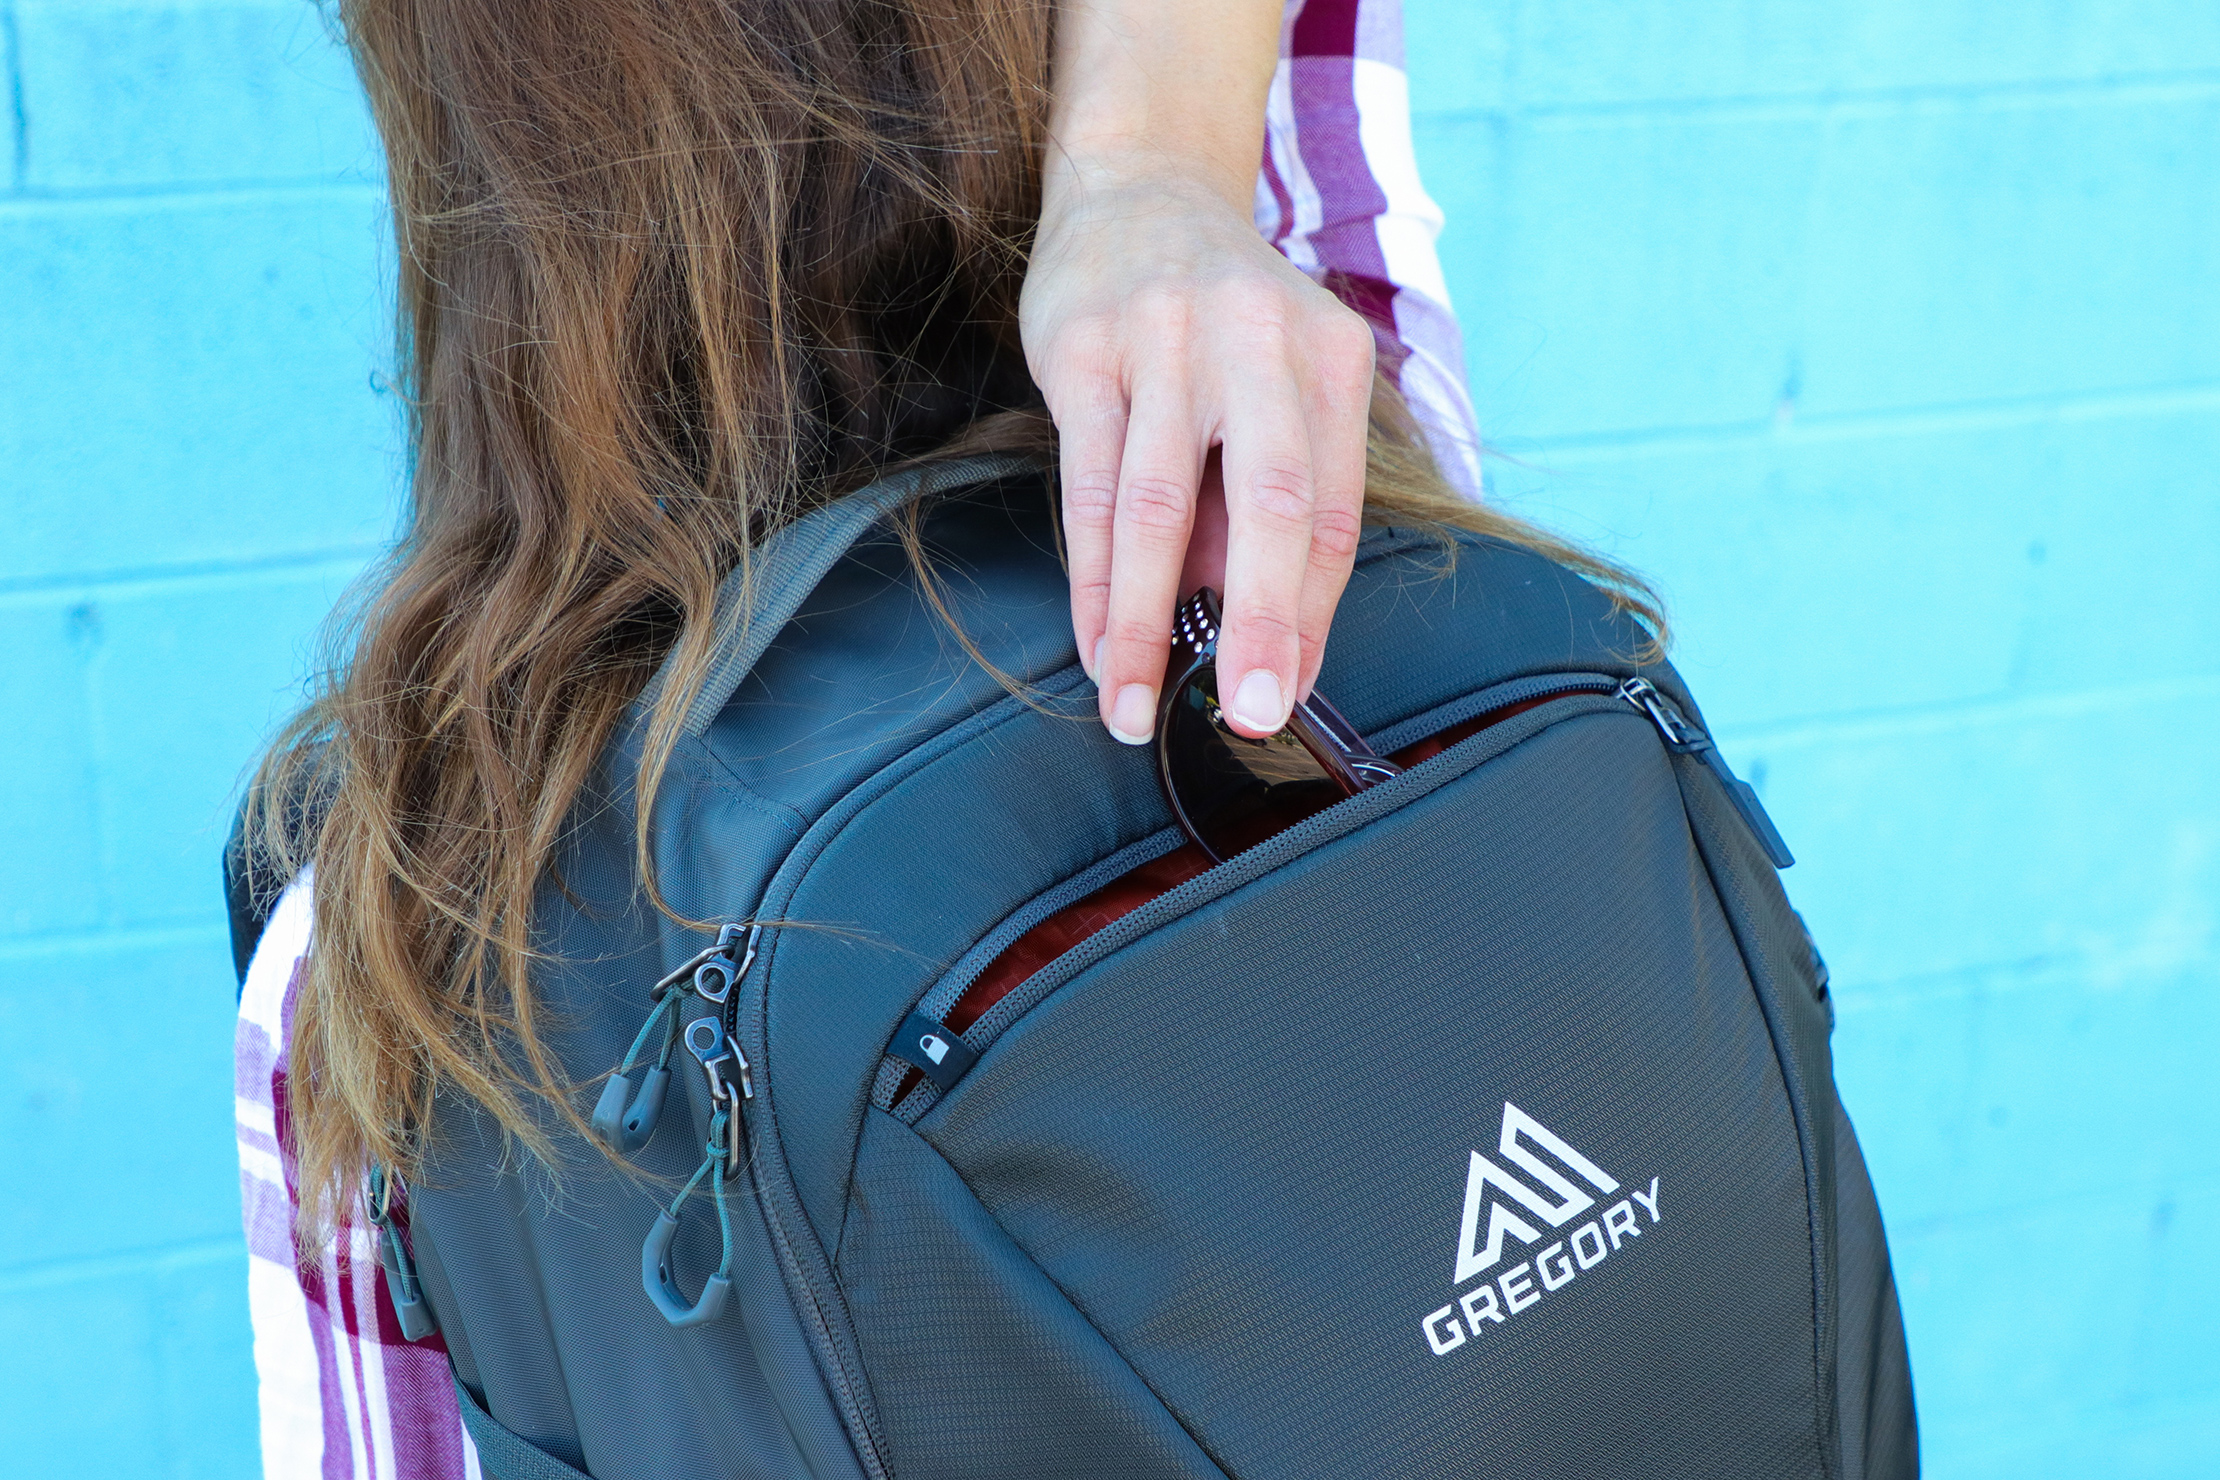 Gregory Detour 40 Backpack Reach Top Pocket On Back